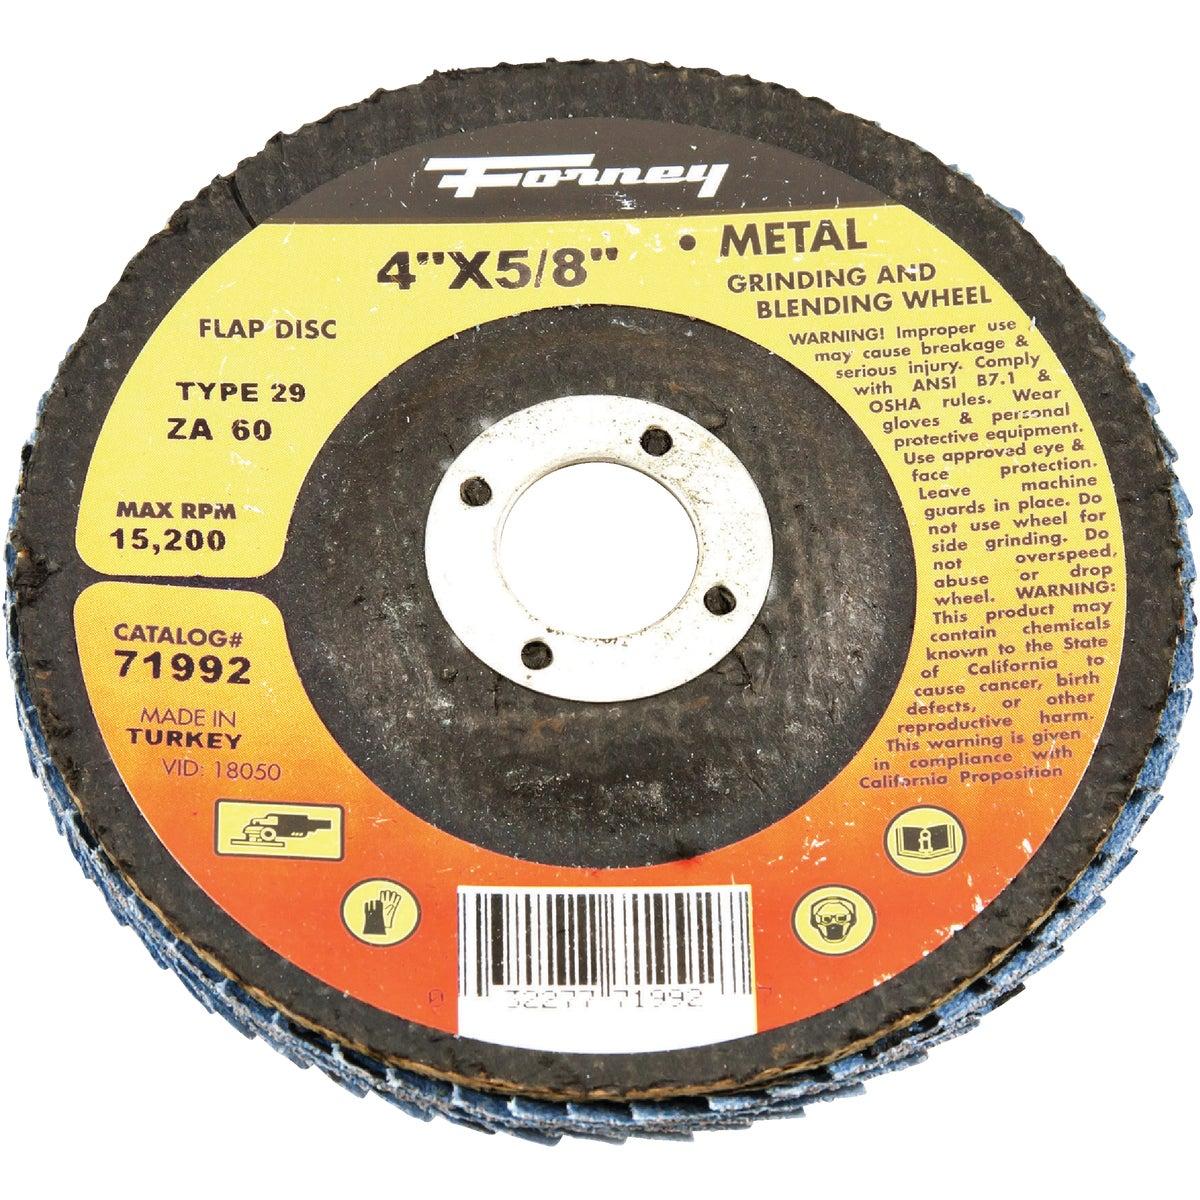 60G BLUE ZIR FLAP DISC